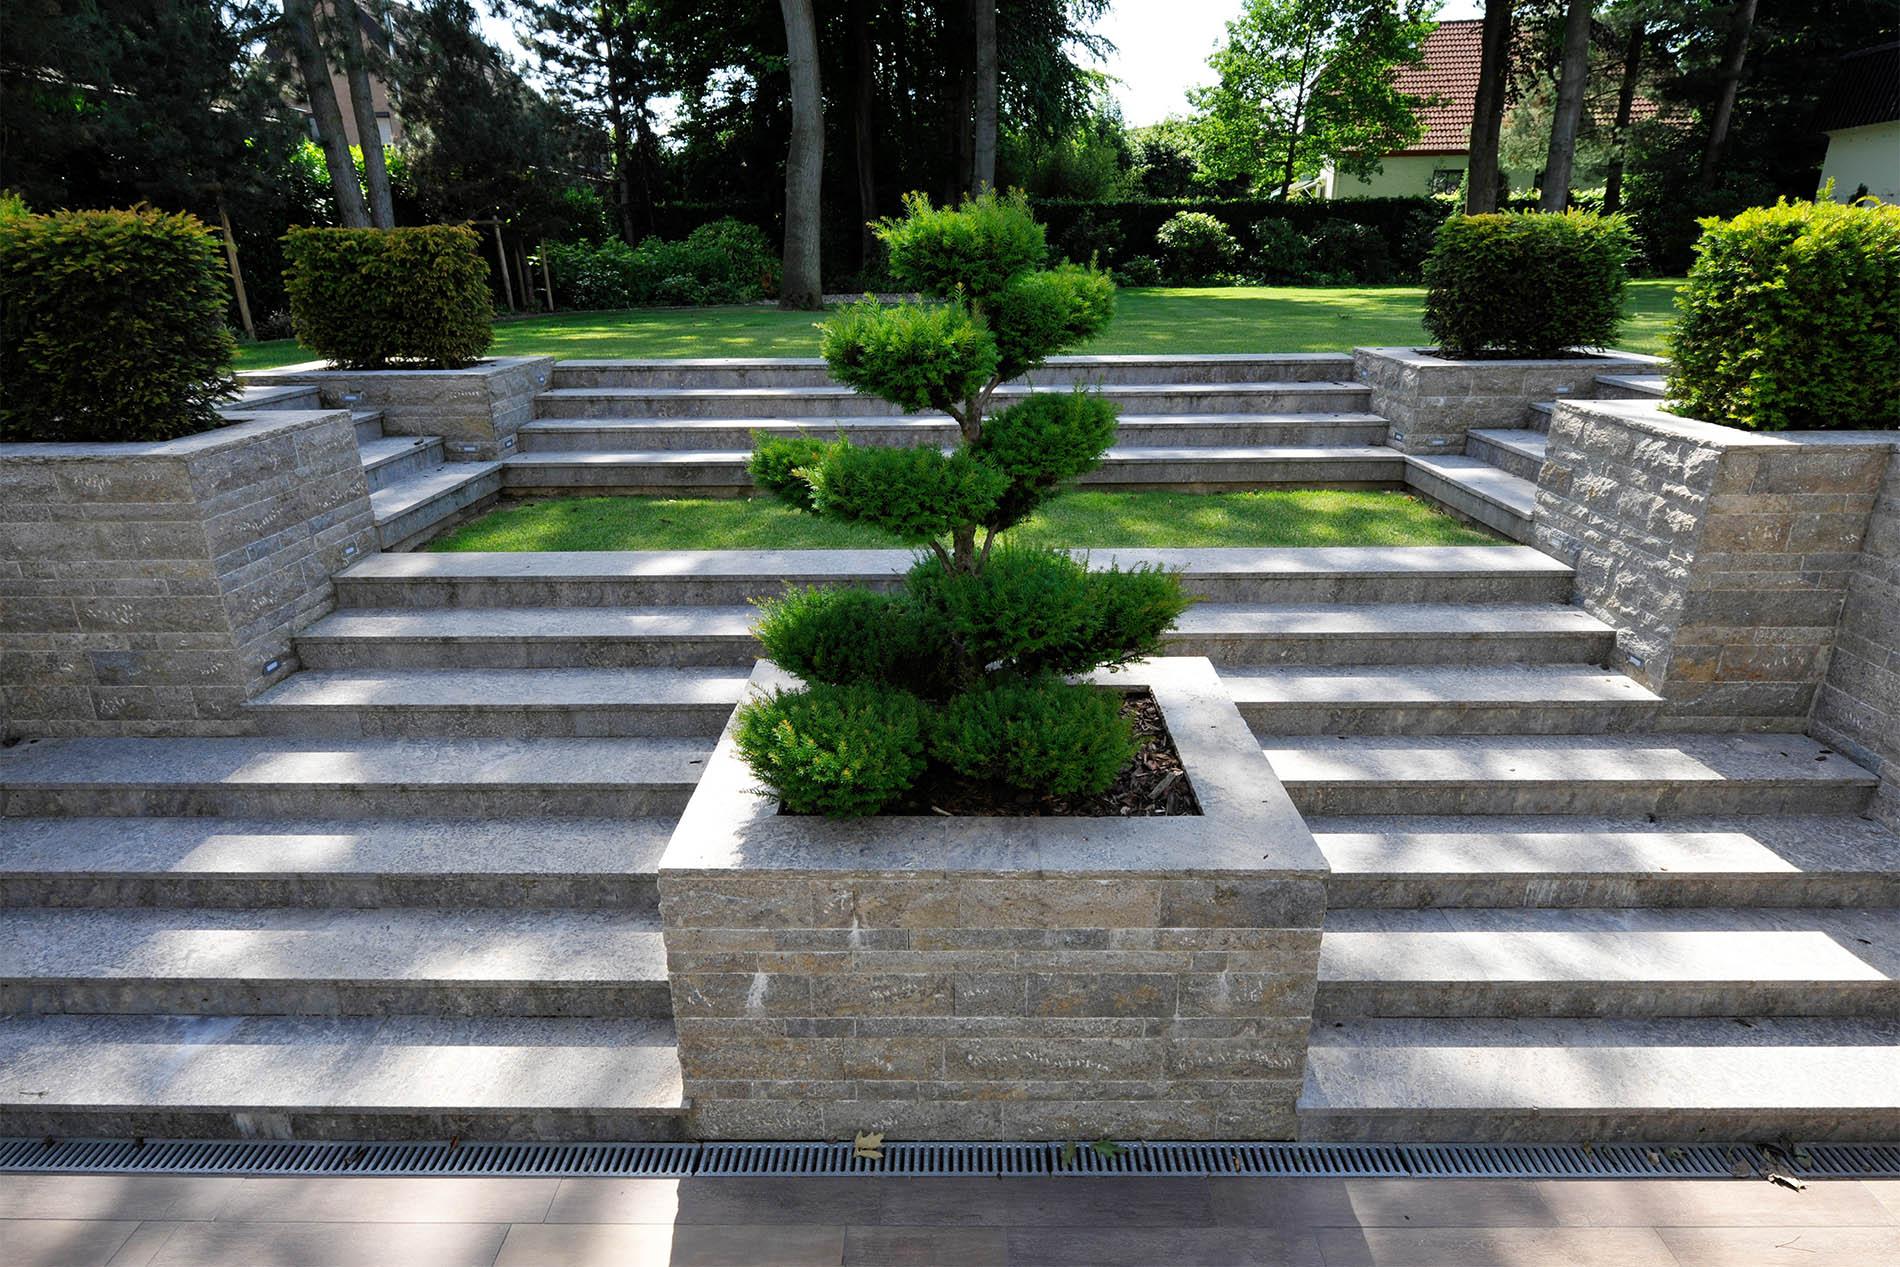 Bodenplatten, Treppenbeläge, Mauersteine und Abdeckplatten aus Muschelkalk von TRACO